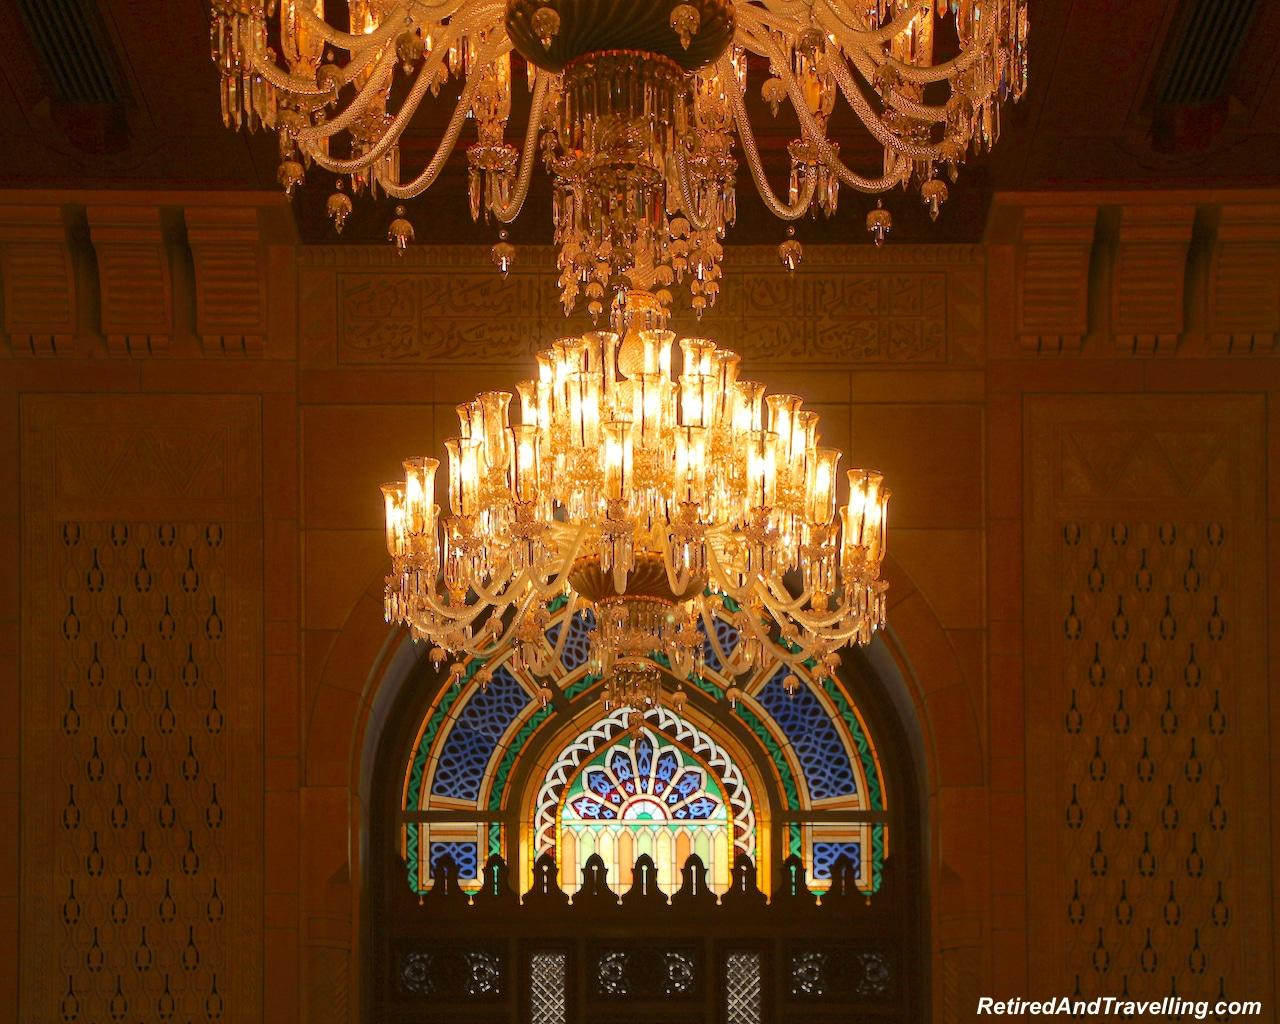 Women's Prayer Room Chandeliers - Grand Mosque in Muscat.jpg